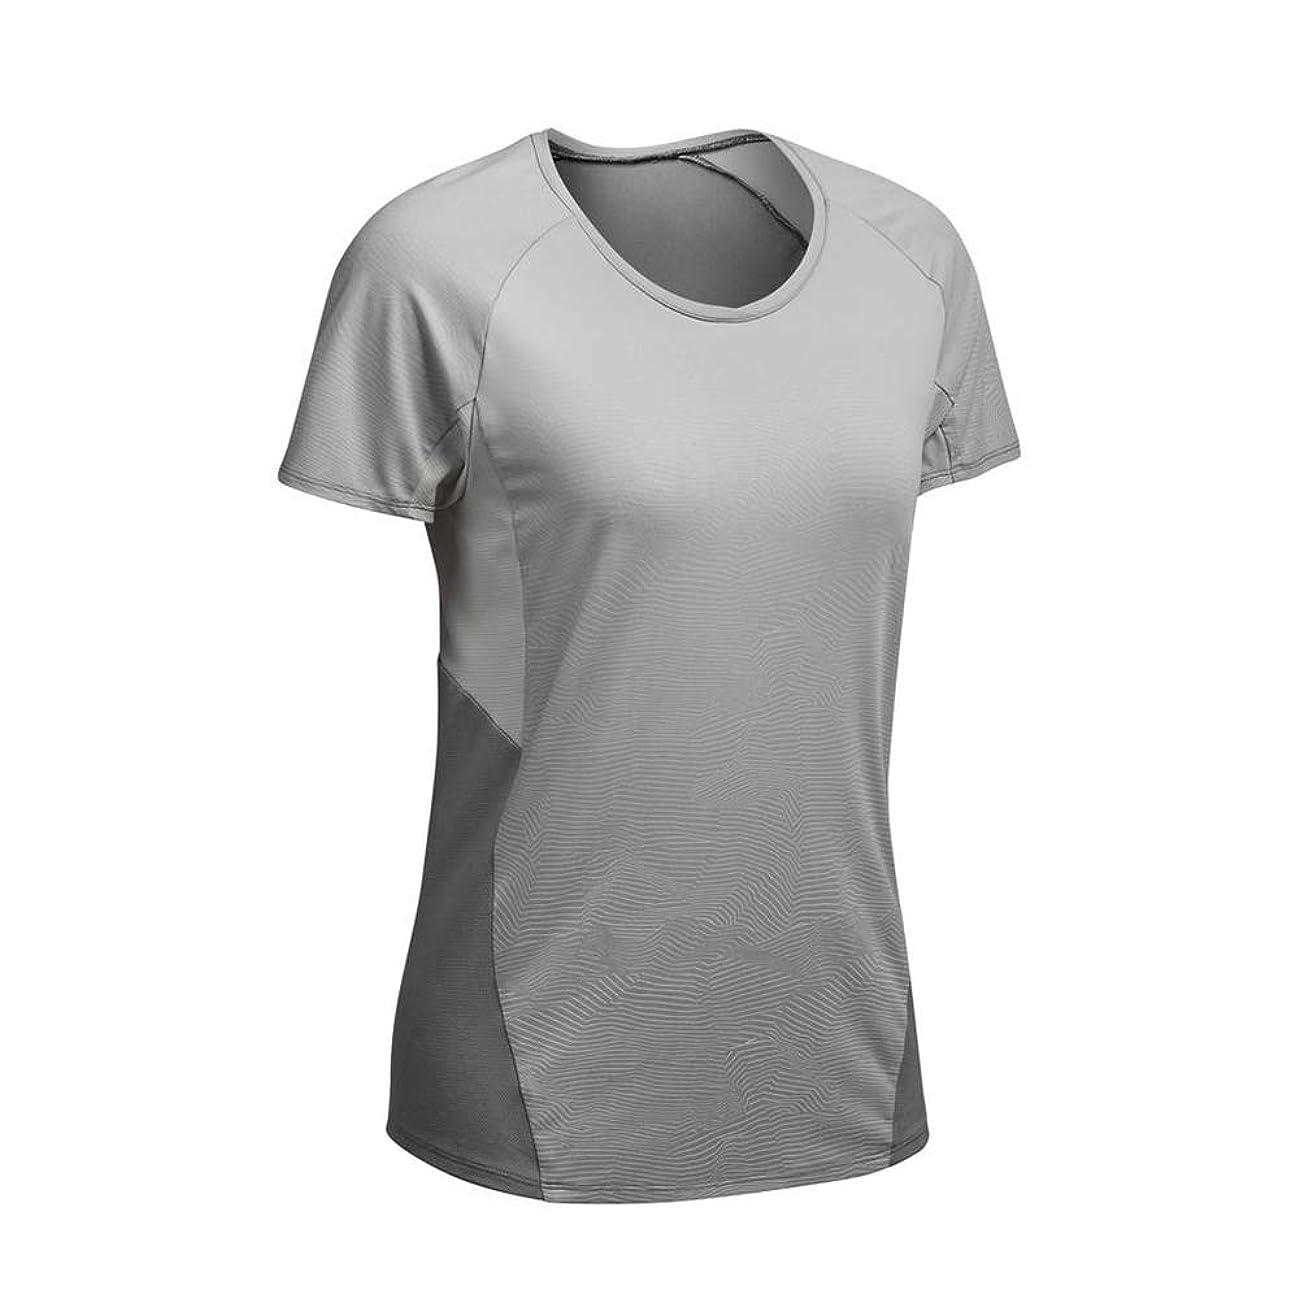 シャープ看板リア王スポーツ速乾性のあるTシャツヨガ服フィットネス服女性スポーツトップス